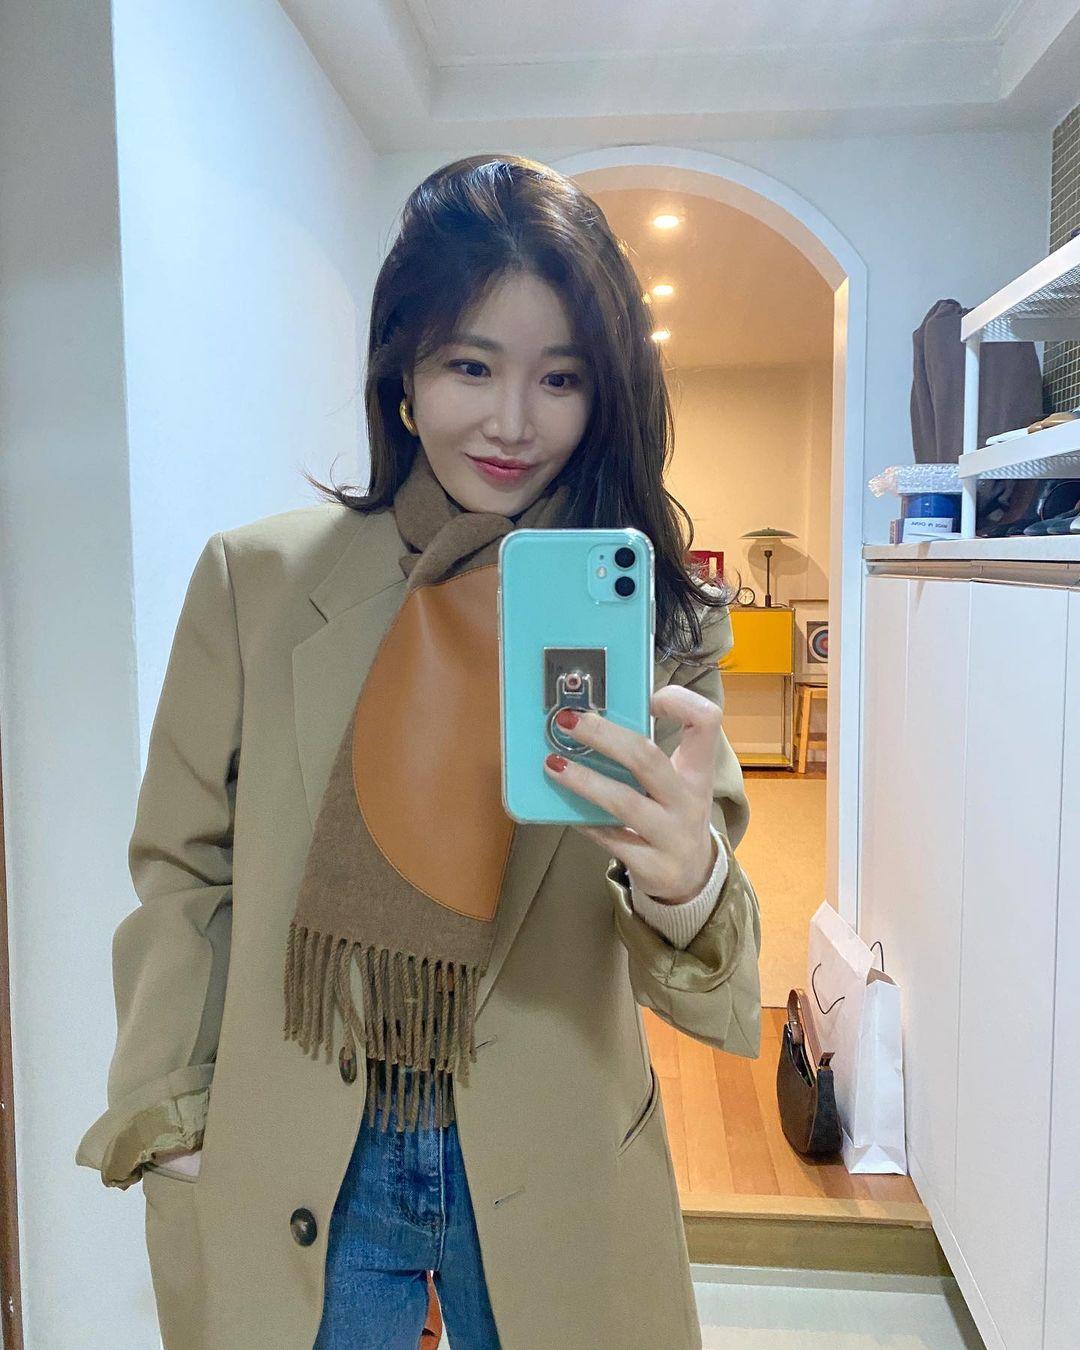 Sao Hàn đã rục rịch diện toàn khăn len đẹp ngất, các nàng còn không mau vào tham khảo cách phối đi nào - Ảnh 4.